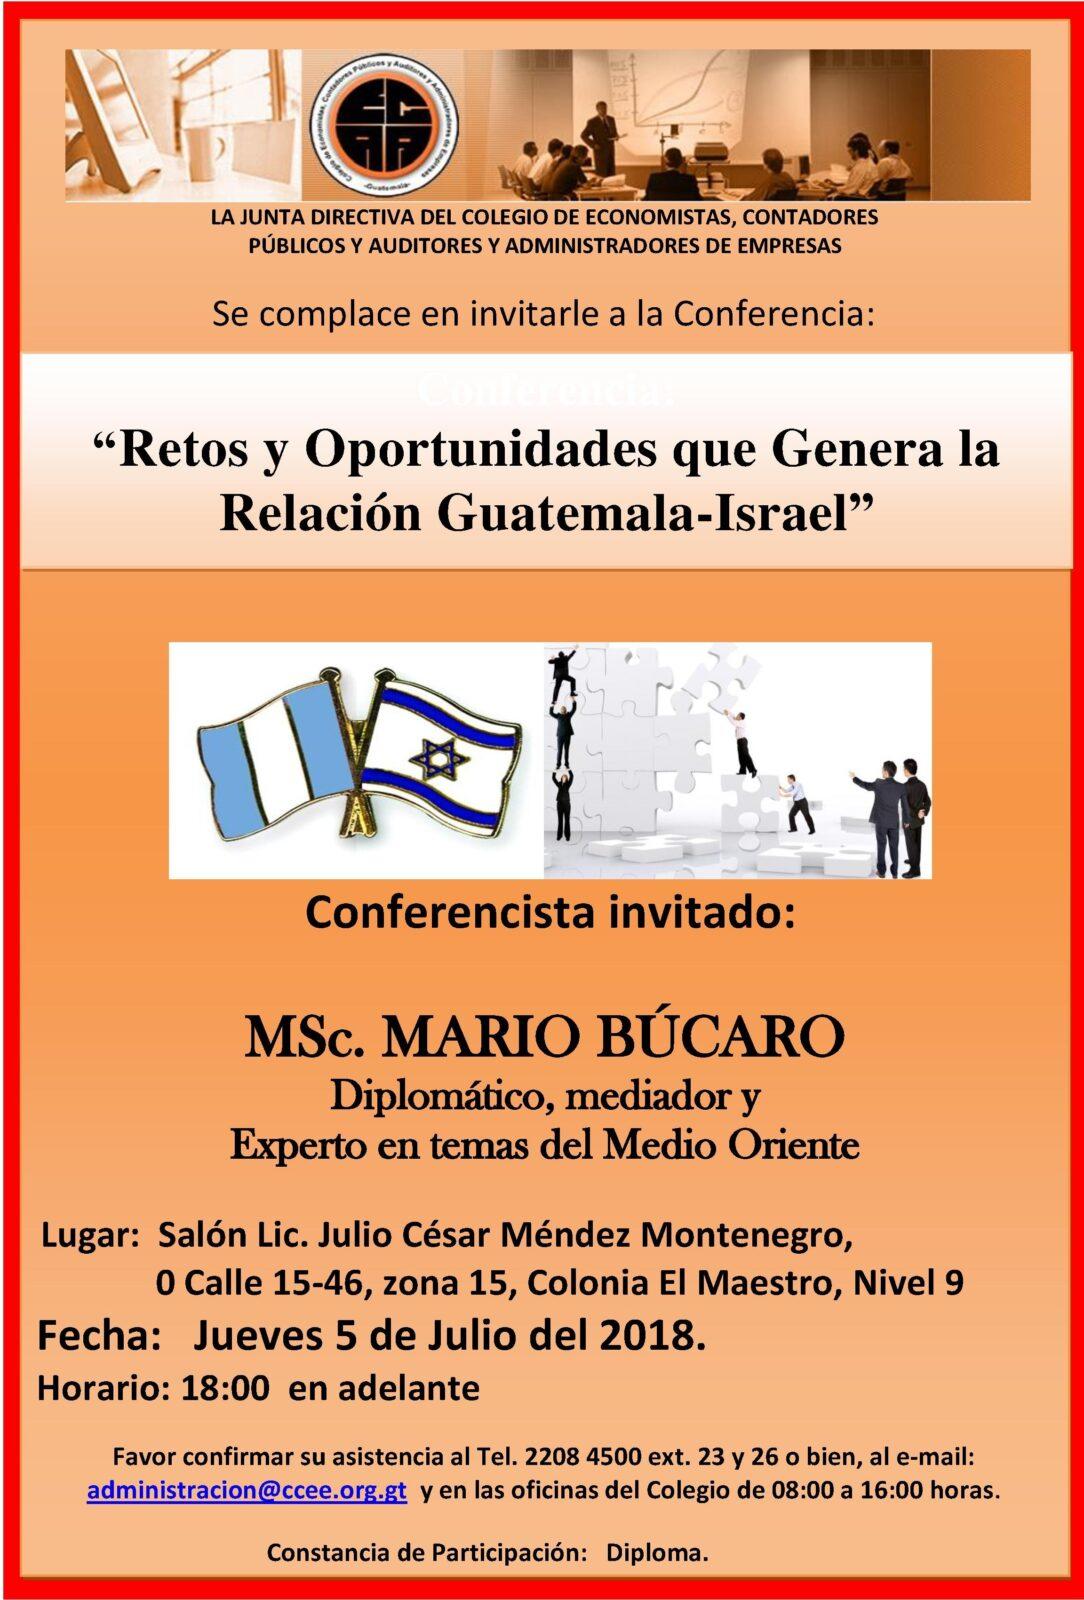 Salón Lic. Julio César Méndez Montenegro 0 calle 15-46, zona 15, Colonia el maestro, Nivel 9 Jueves 5 de Julio 2018 Horario: 18:00 en adelante